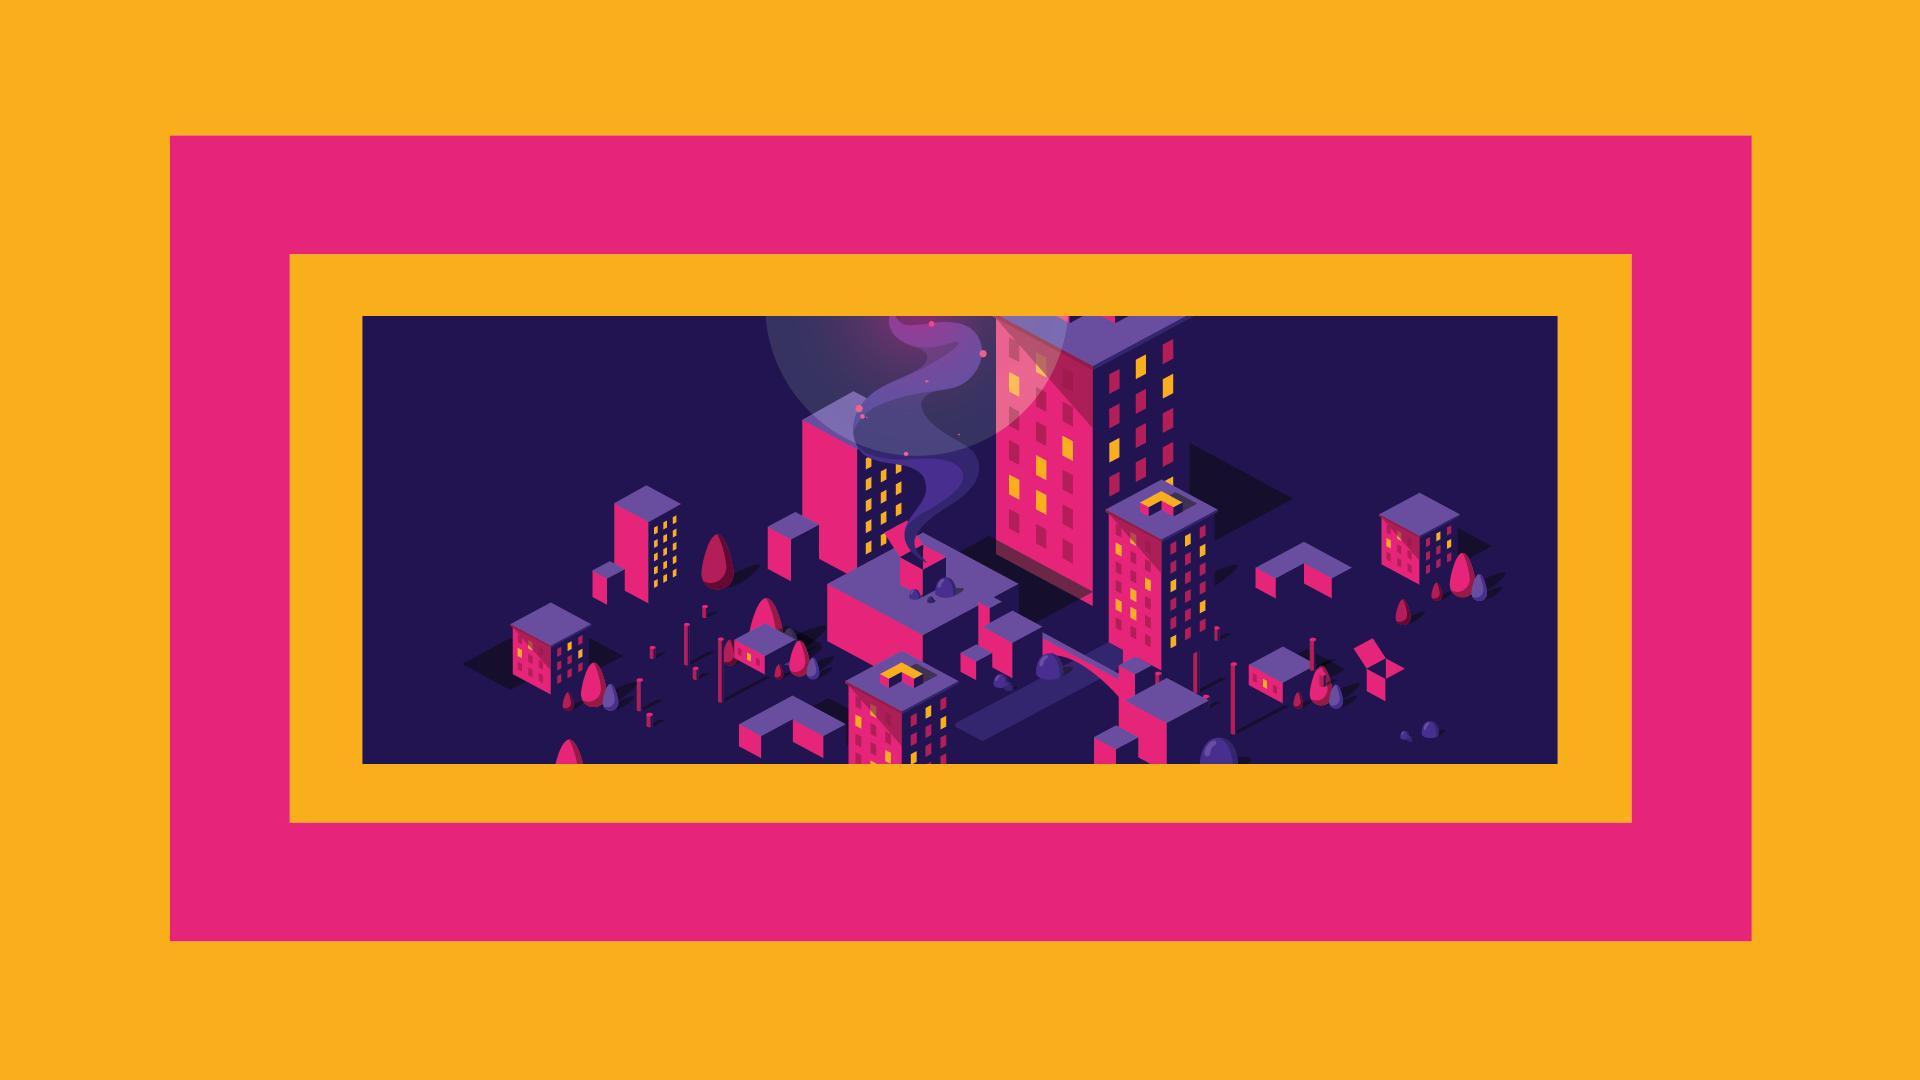 Housing_City on yellow BG-01